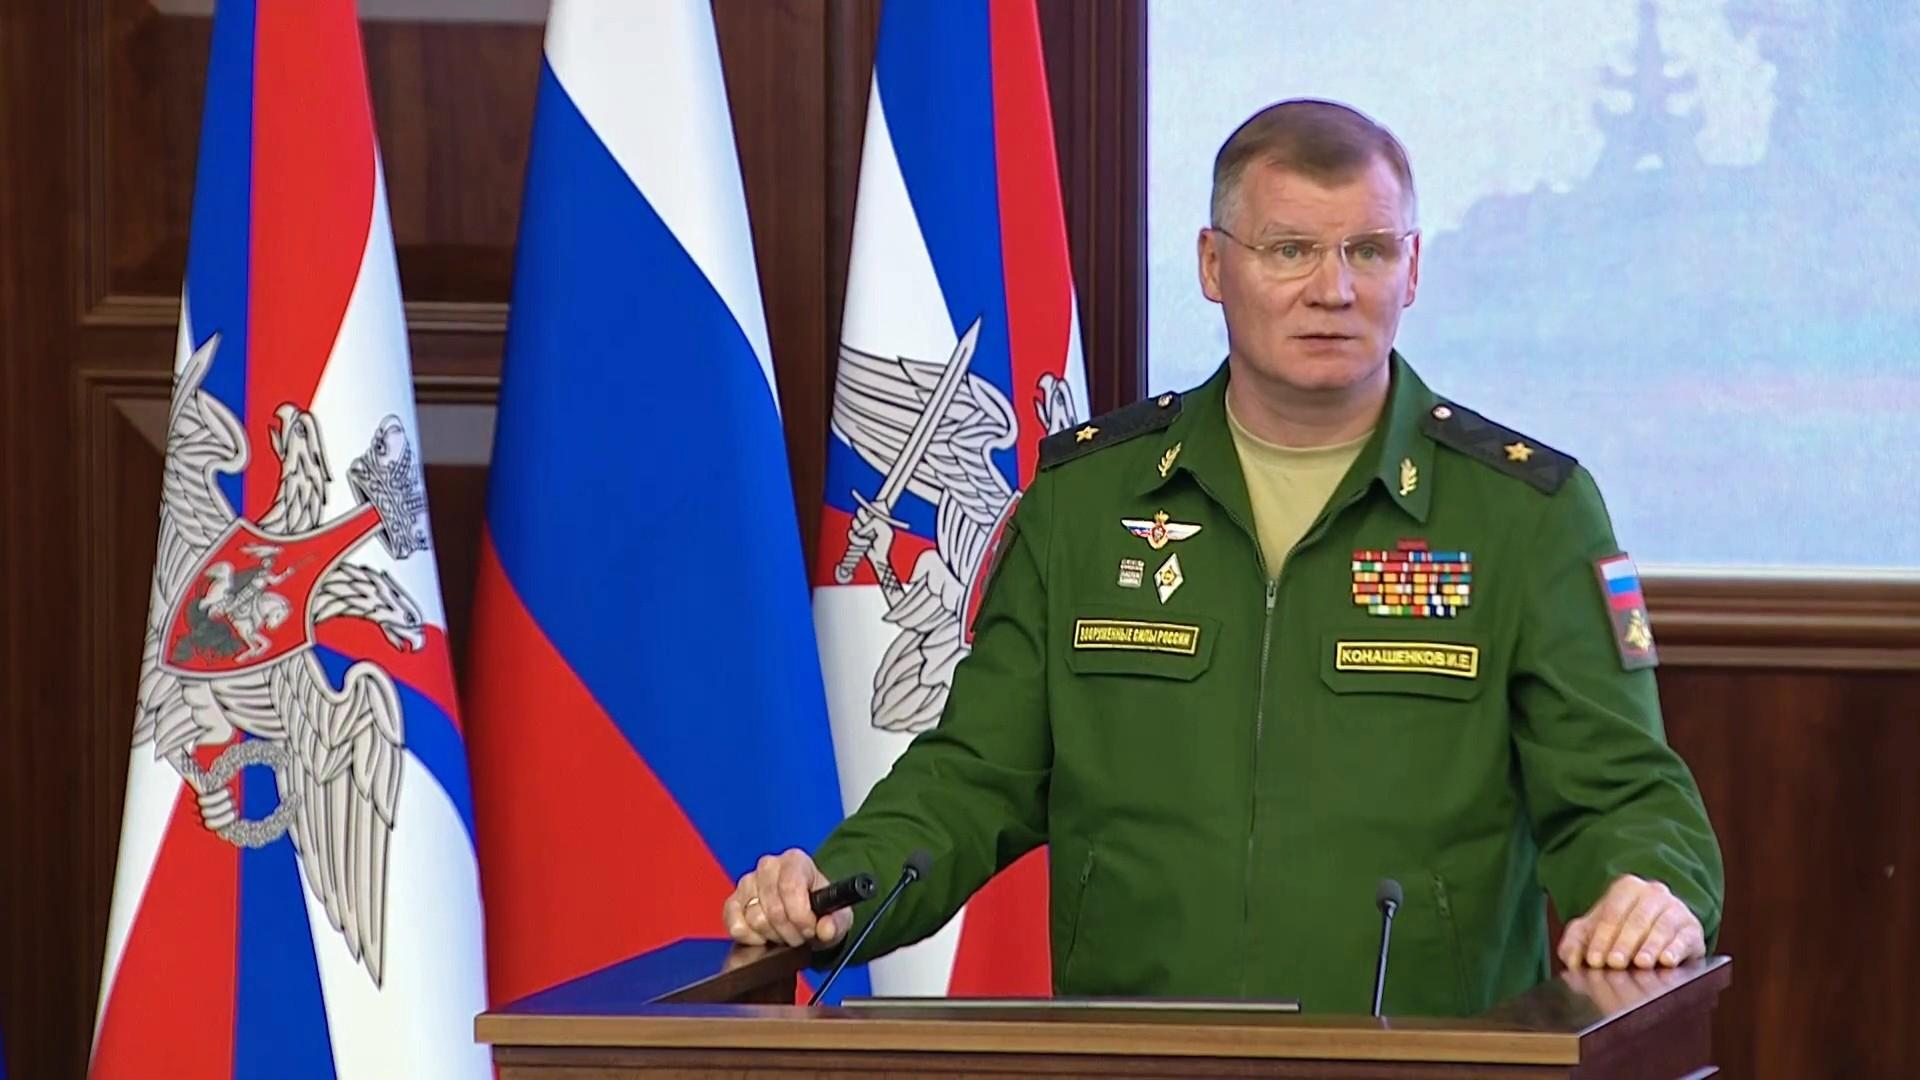 الدفاع الروسية تنفي مزاعم وقوع هجمات كيميائية في منطقة خفض التصعيد بإدلب السورية